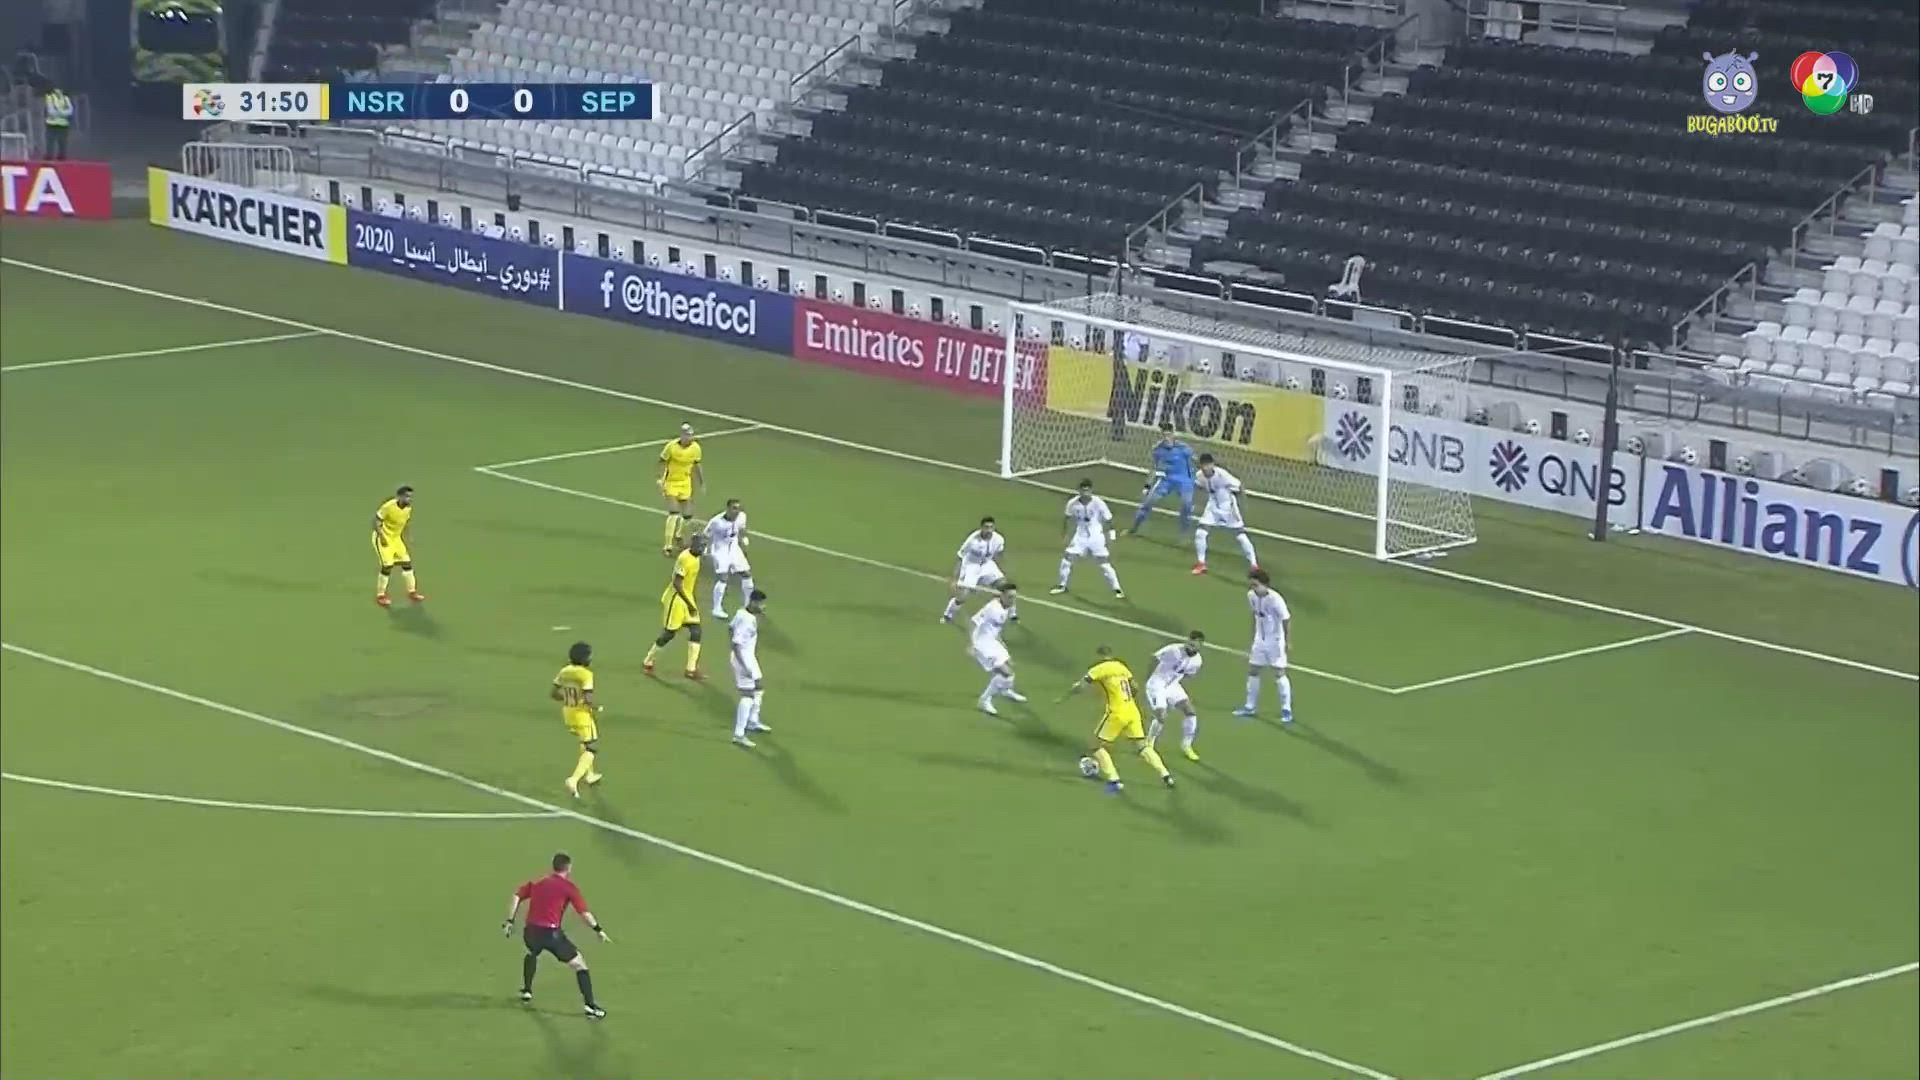 ไฮไลต์ อัล นาสเซอร์ 2-0 เซปาฮาน ฟุตบอลเอเอฟซี แชมเปียนส์ลีก 2020